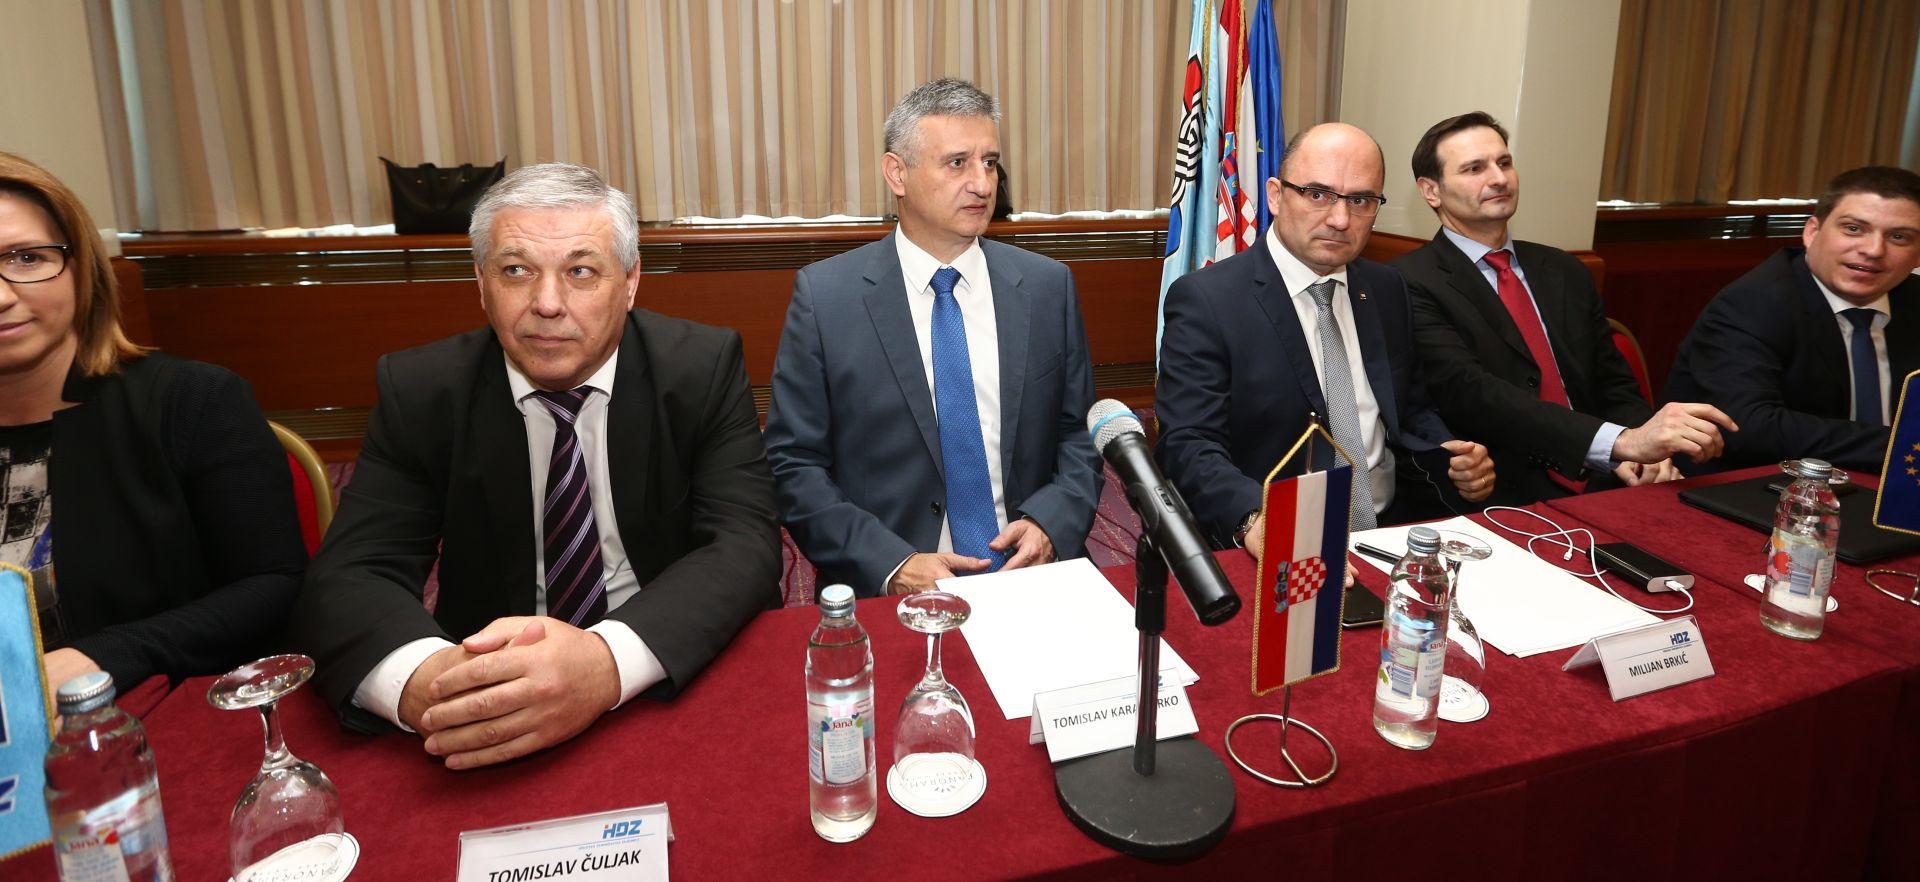 Predsjedništvo HDZ-a završilo, zasjeda Središnji odbor